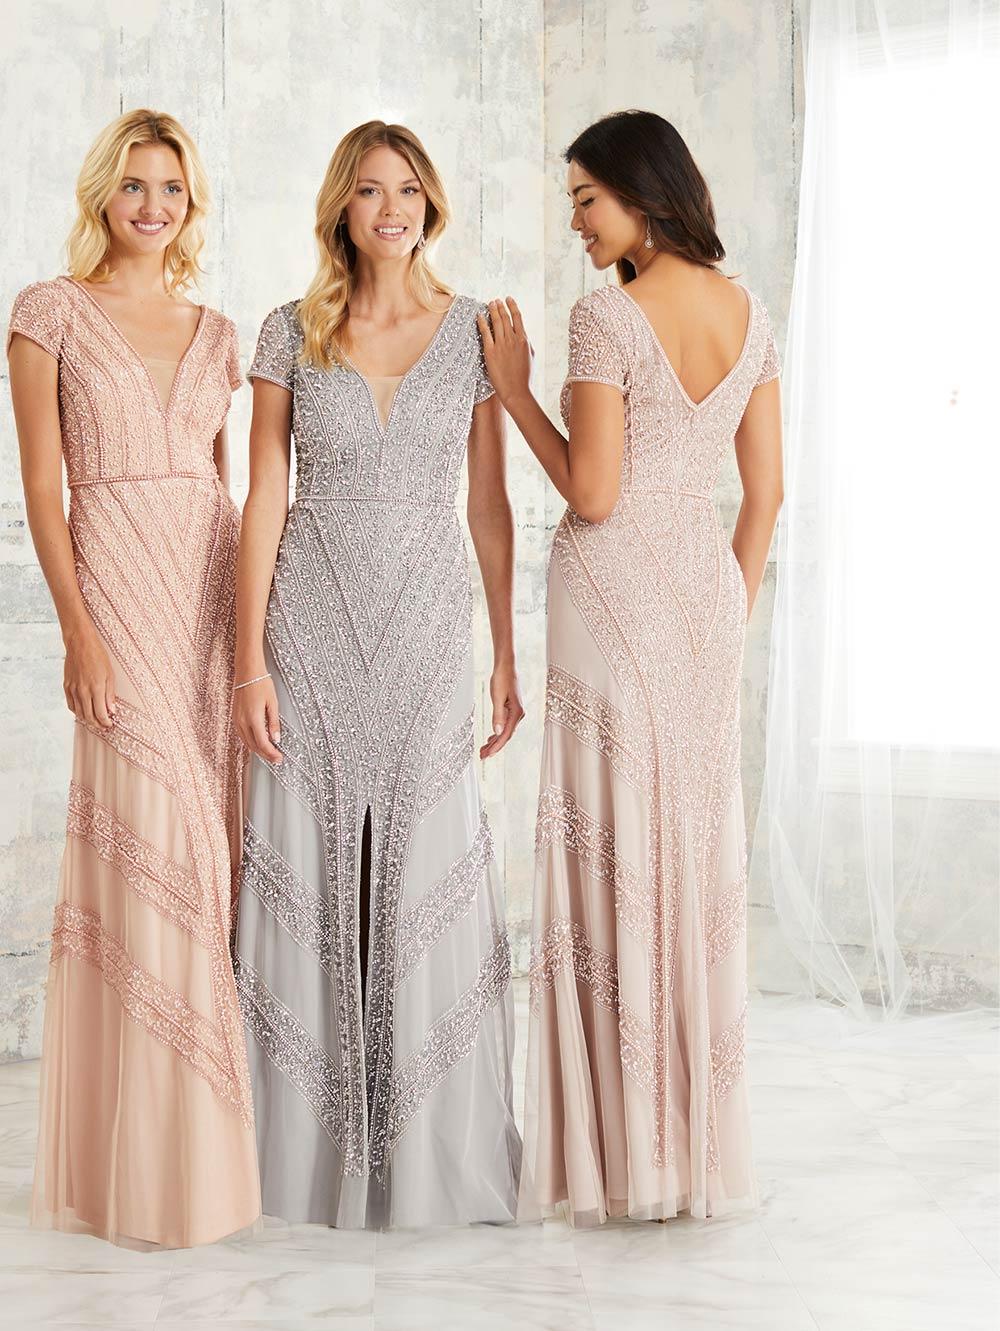 bridesmaid-dresses-adrianna-papell-platinum-27860